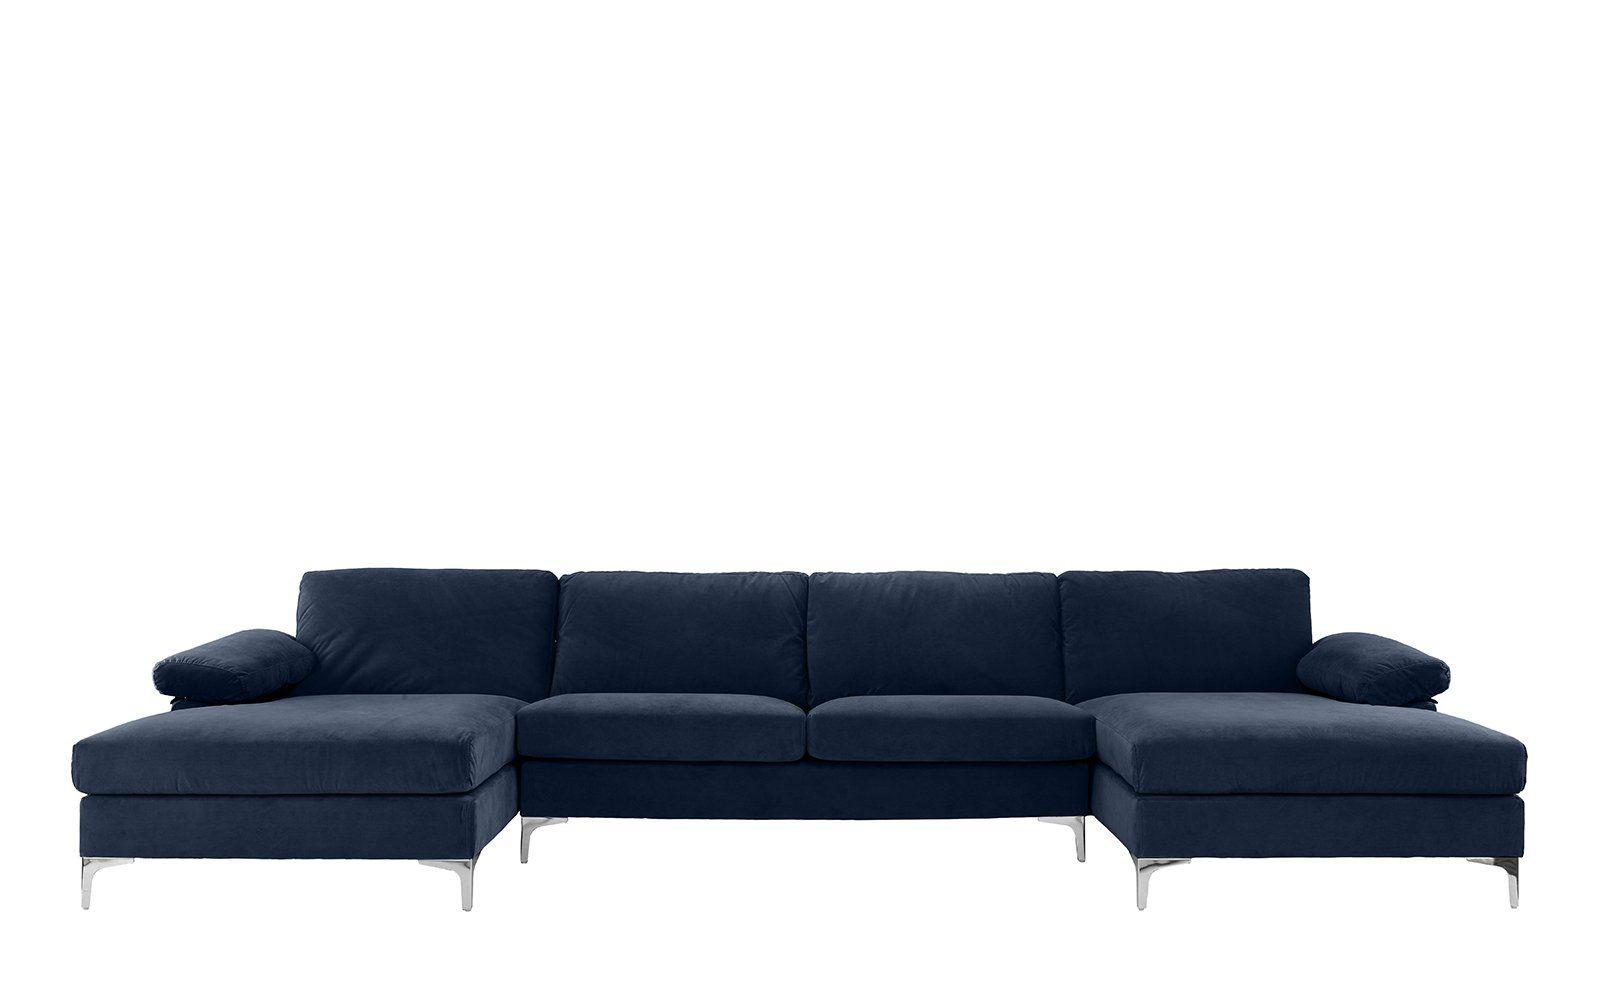 Amanda XL Modern Velvet Large Sectional Sofa